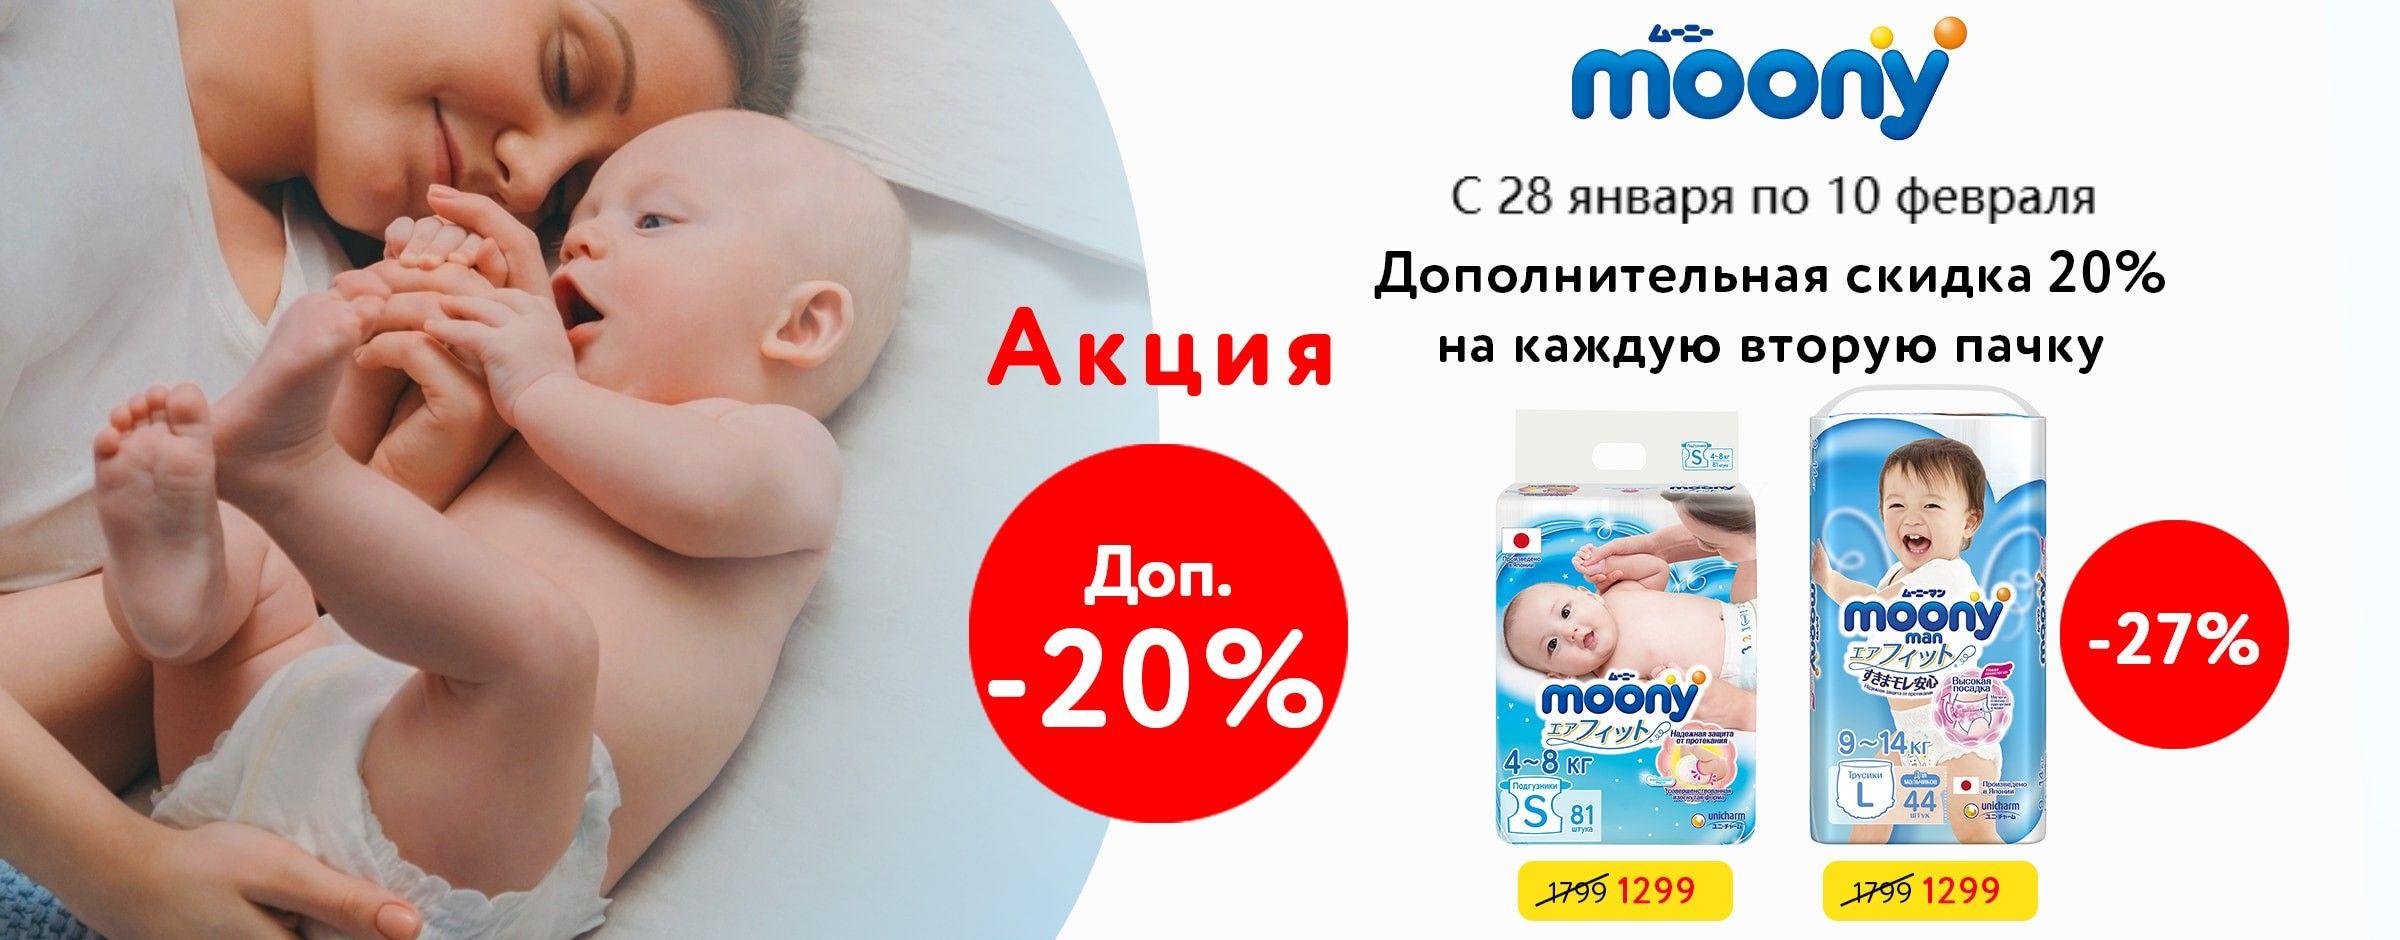 -20% на вторую упаковку Moony статика